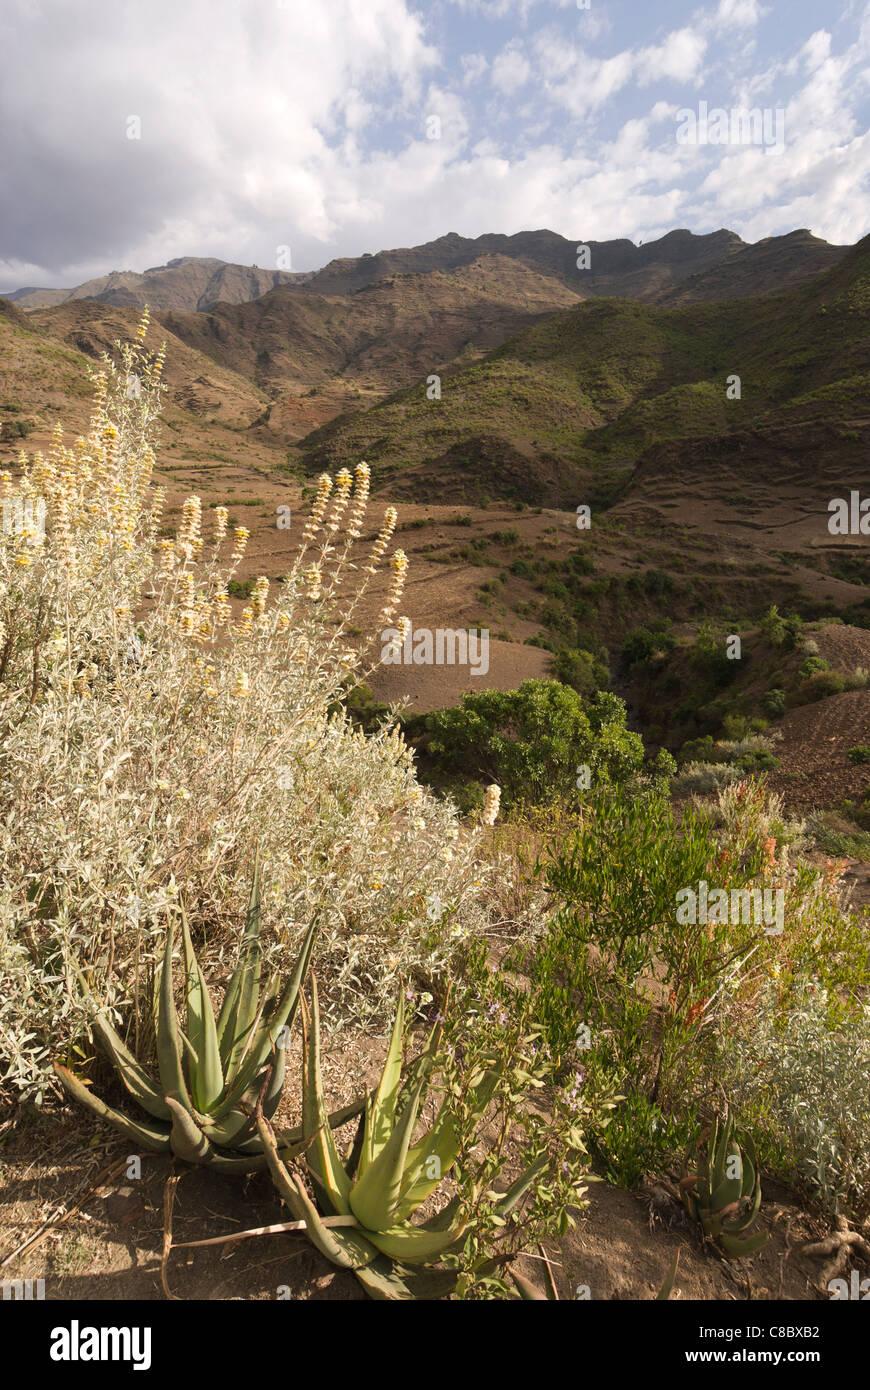 Elk200-3246v Ethiopia, Lalibela,Yemrehanna Kristos, landscape - Stock Image